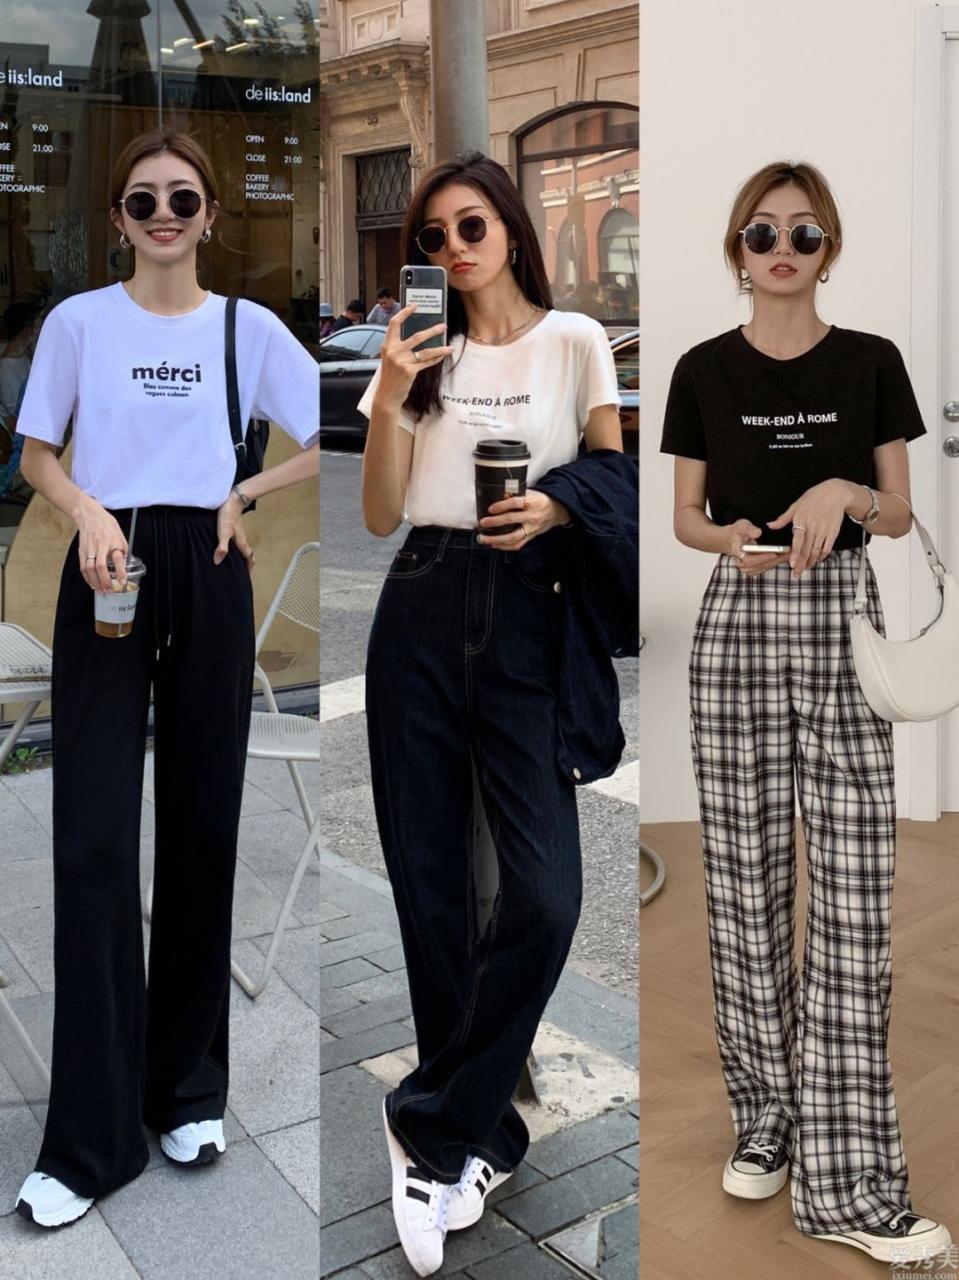 夏季衣服別亂買,聰明女人買這7件就夠瞭,時髦又吸睛